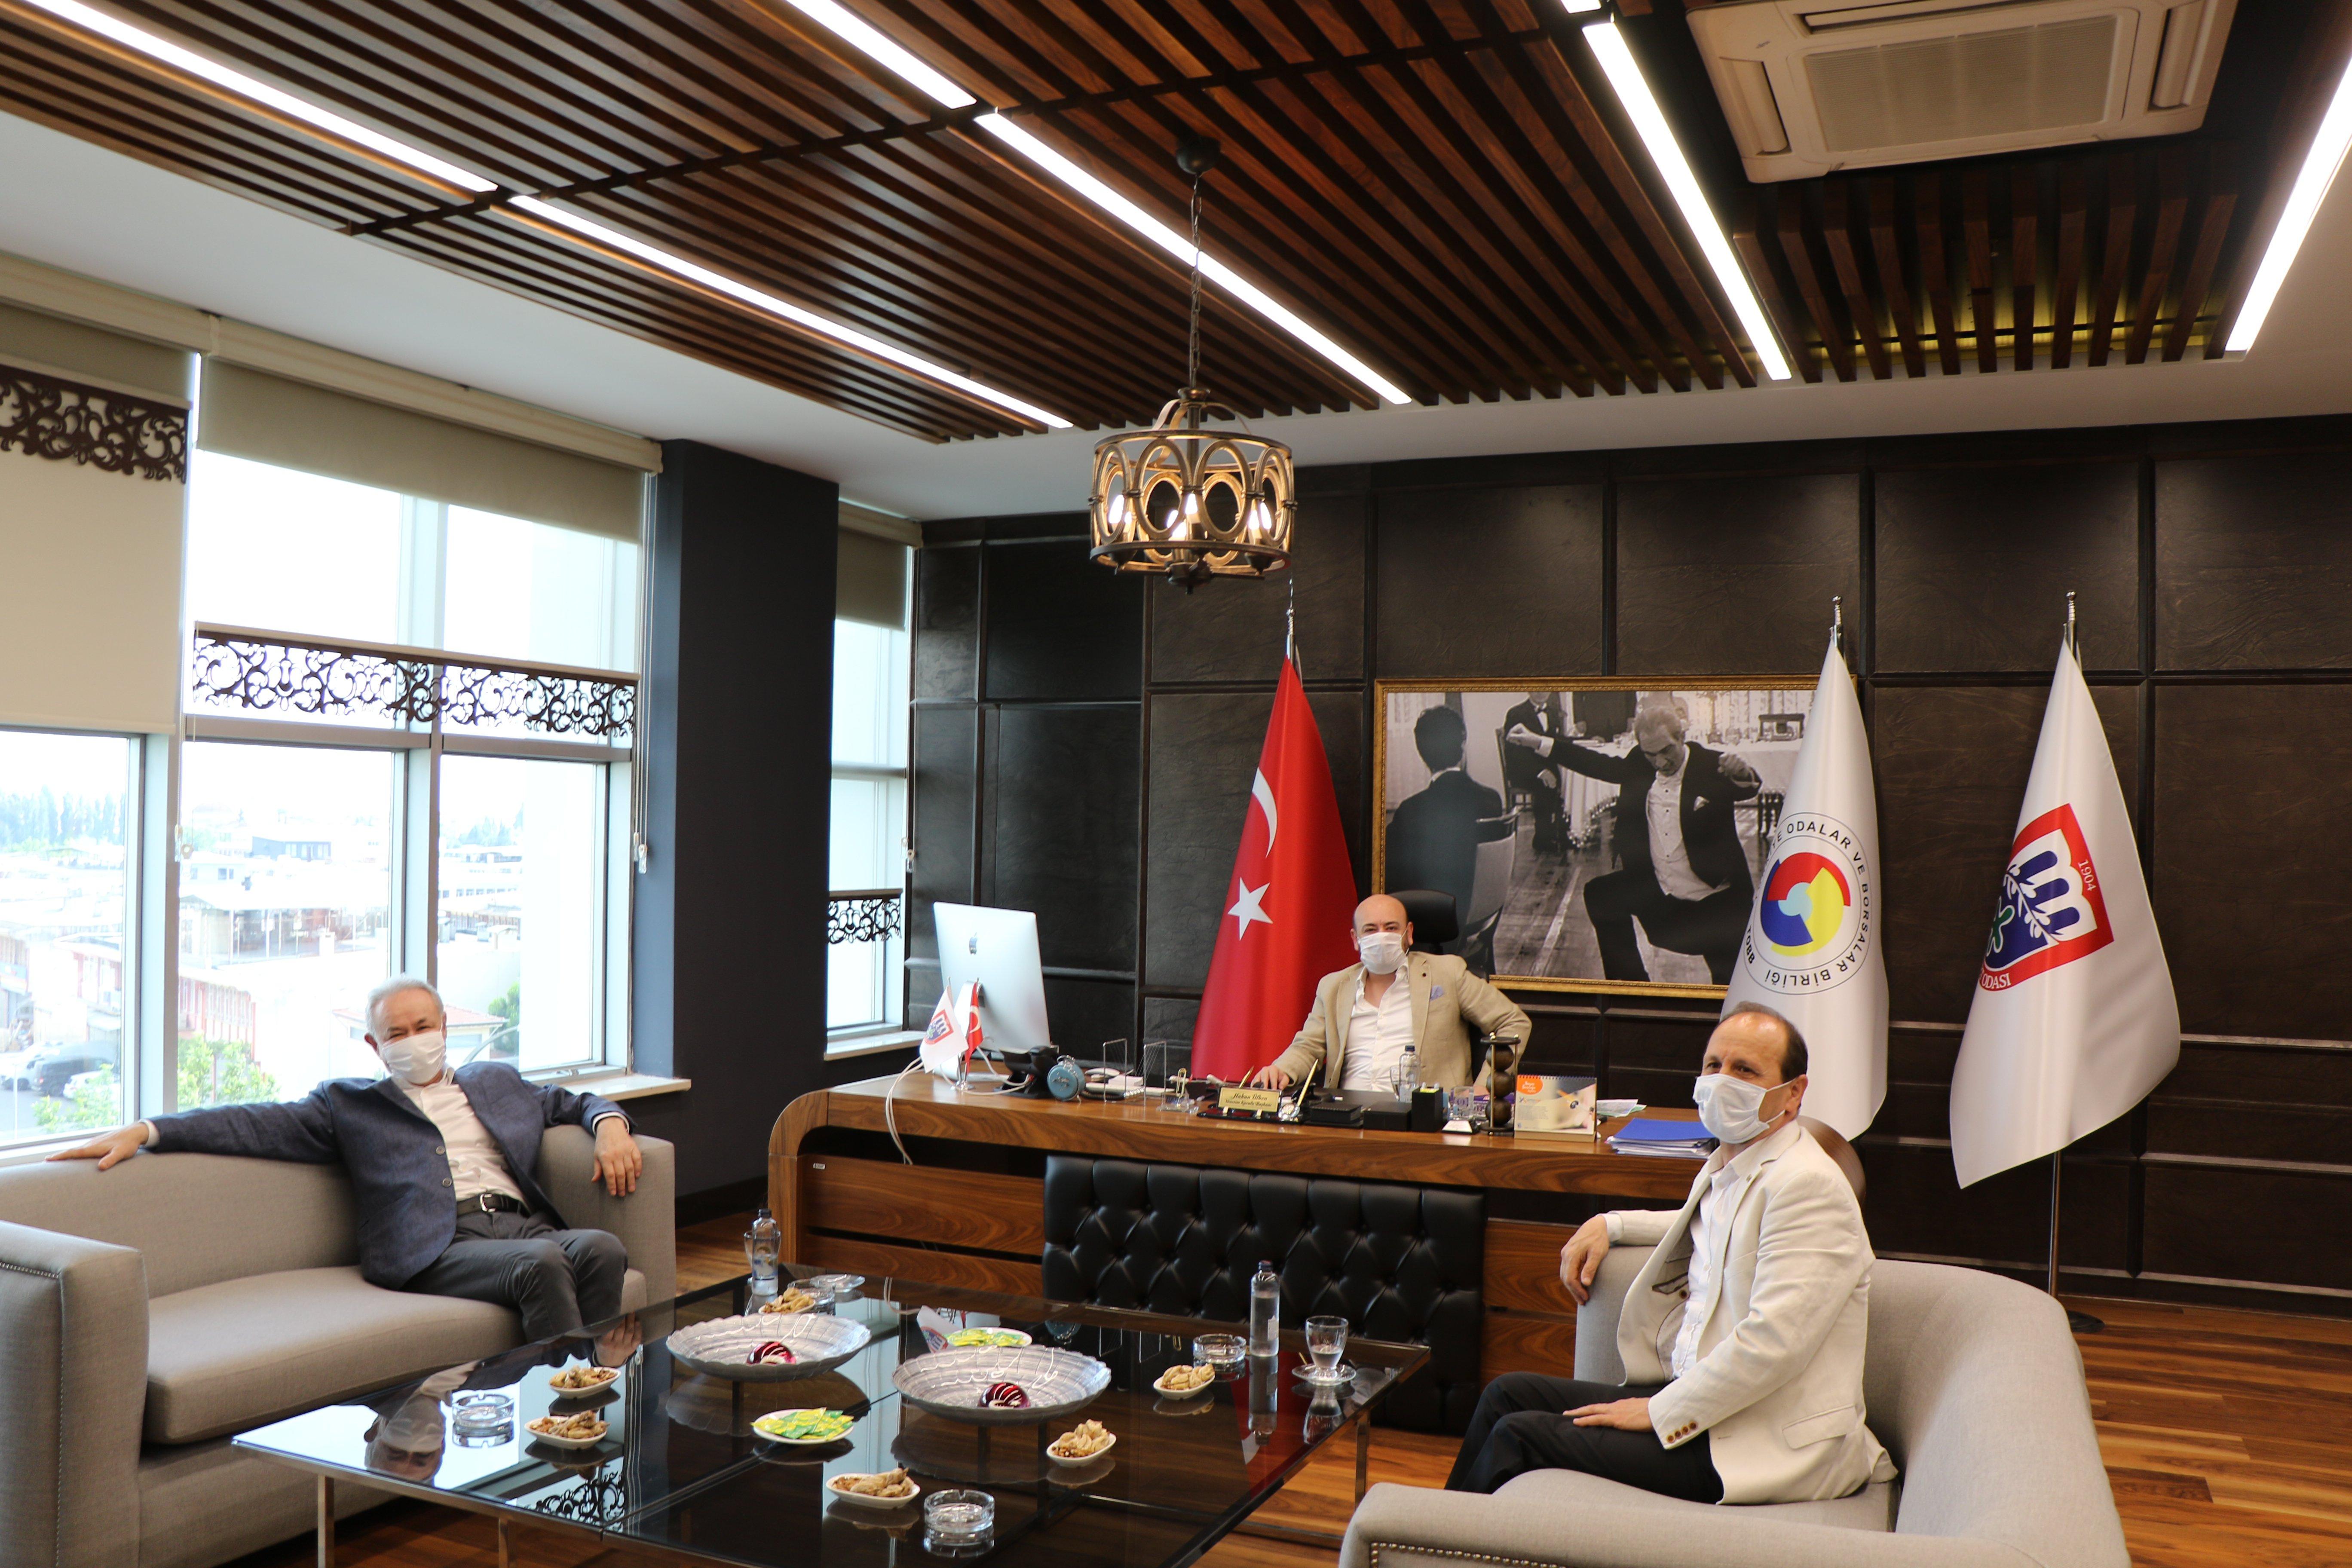 İyi Parti Aydın Milletvekili Sayın Aydın Adnan SEZGİN ve İyi Parti Aydın İl Başkanı Sayın Cemal SARI, AYTO Yönetim Kurulu Başkanı Hakan ÜLKEN'i makamında ziyaret etti